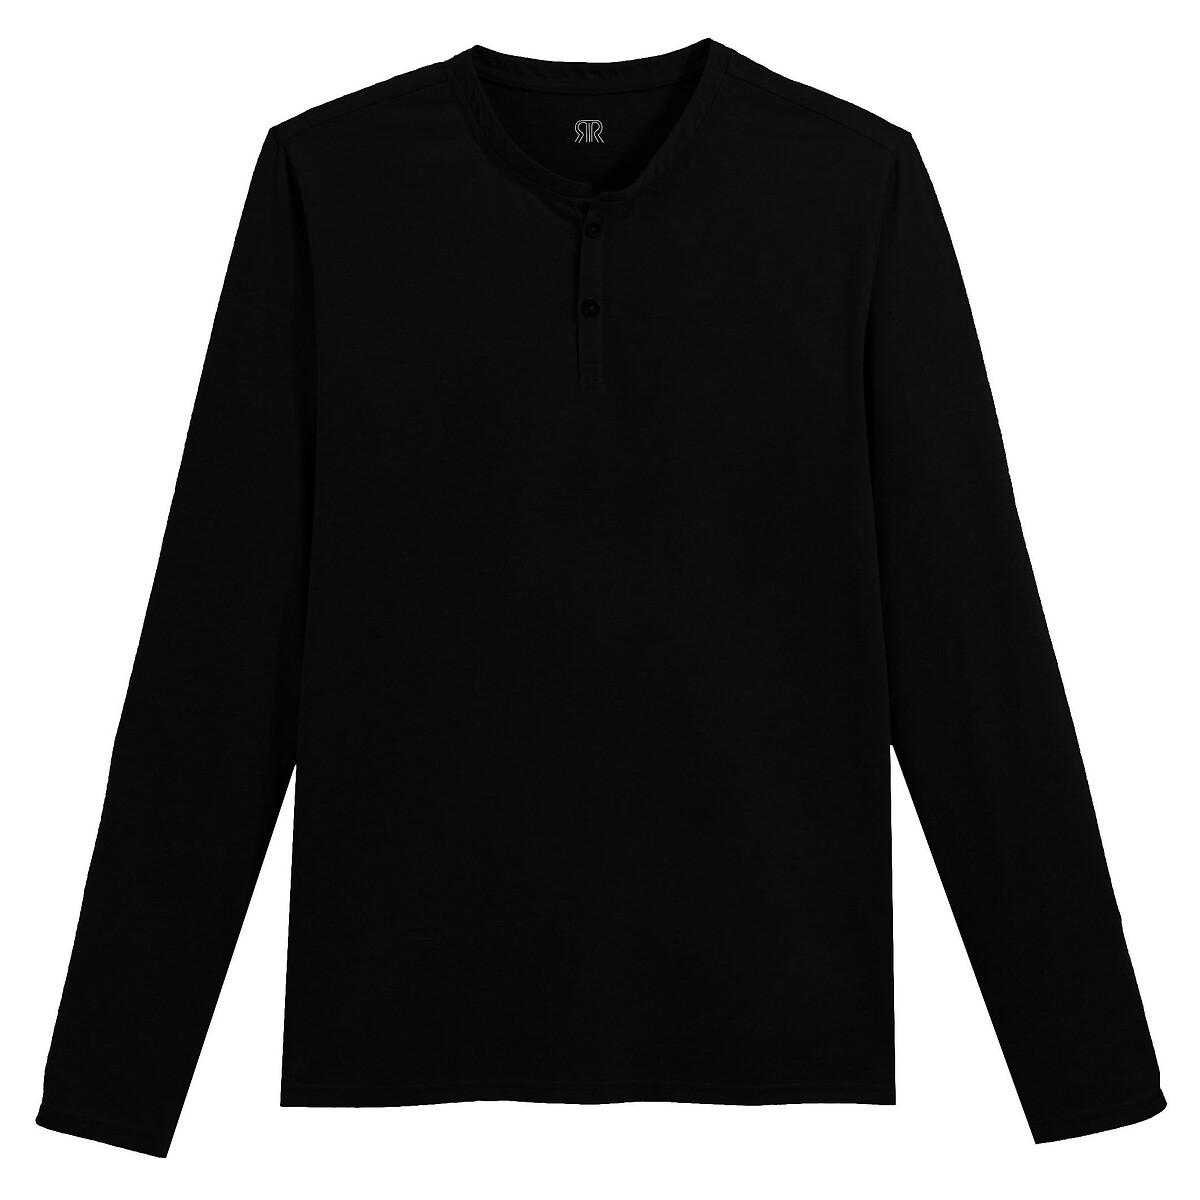 Camisola de mangas compridas, decote tunisino